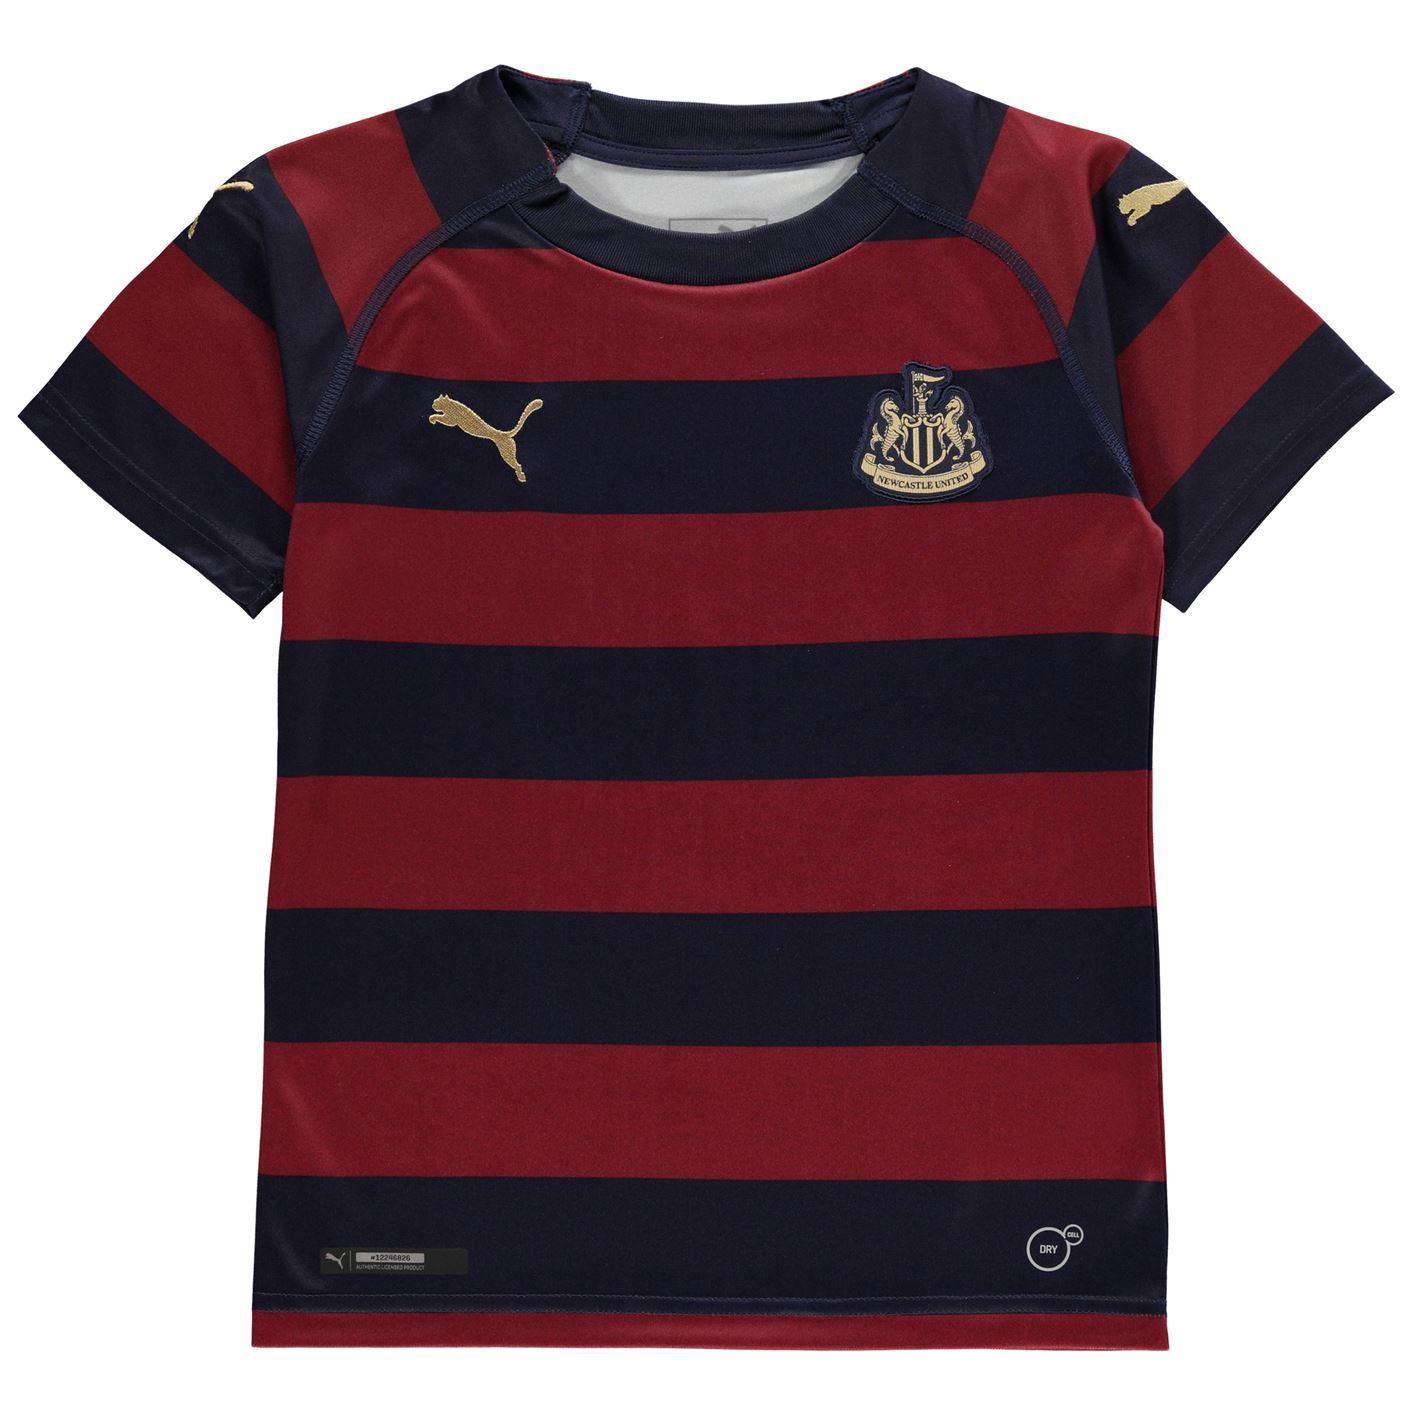 wholesale dealer f34cf a74de Details about Puma Newcastle United Away Jersey 2018 2019 Juniors Navy  Football Soccer Shirt